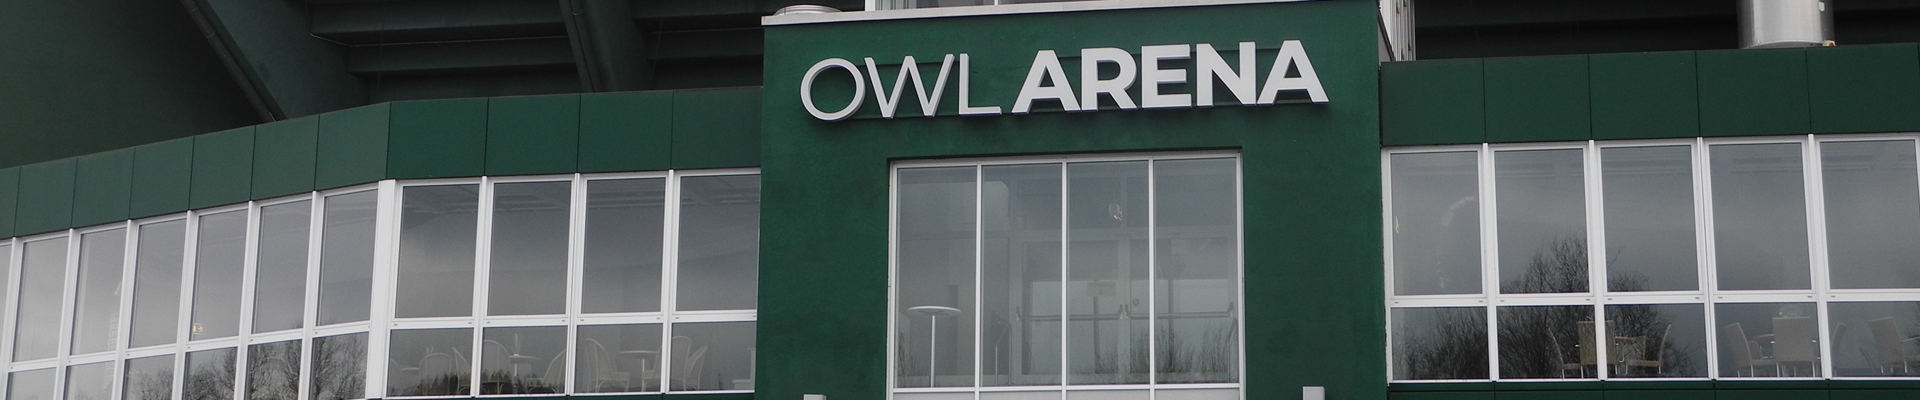 Nah an der Ferienwohnung gelegen, die OWL Arena, Austragungsort u.a. der Noventi Open (ehem. Gerry Weber Open).